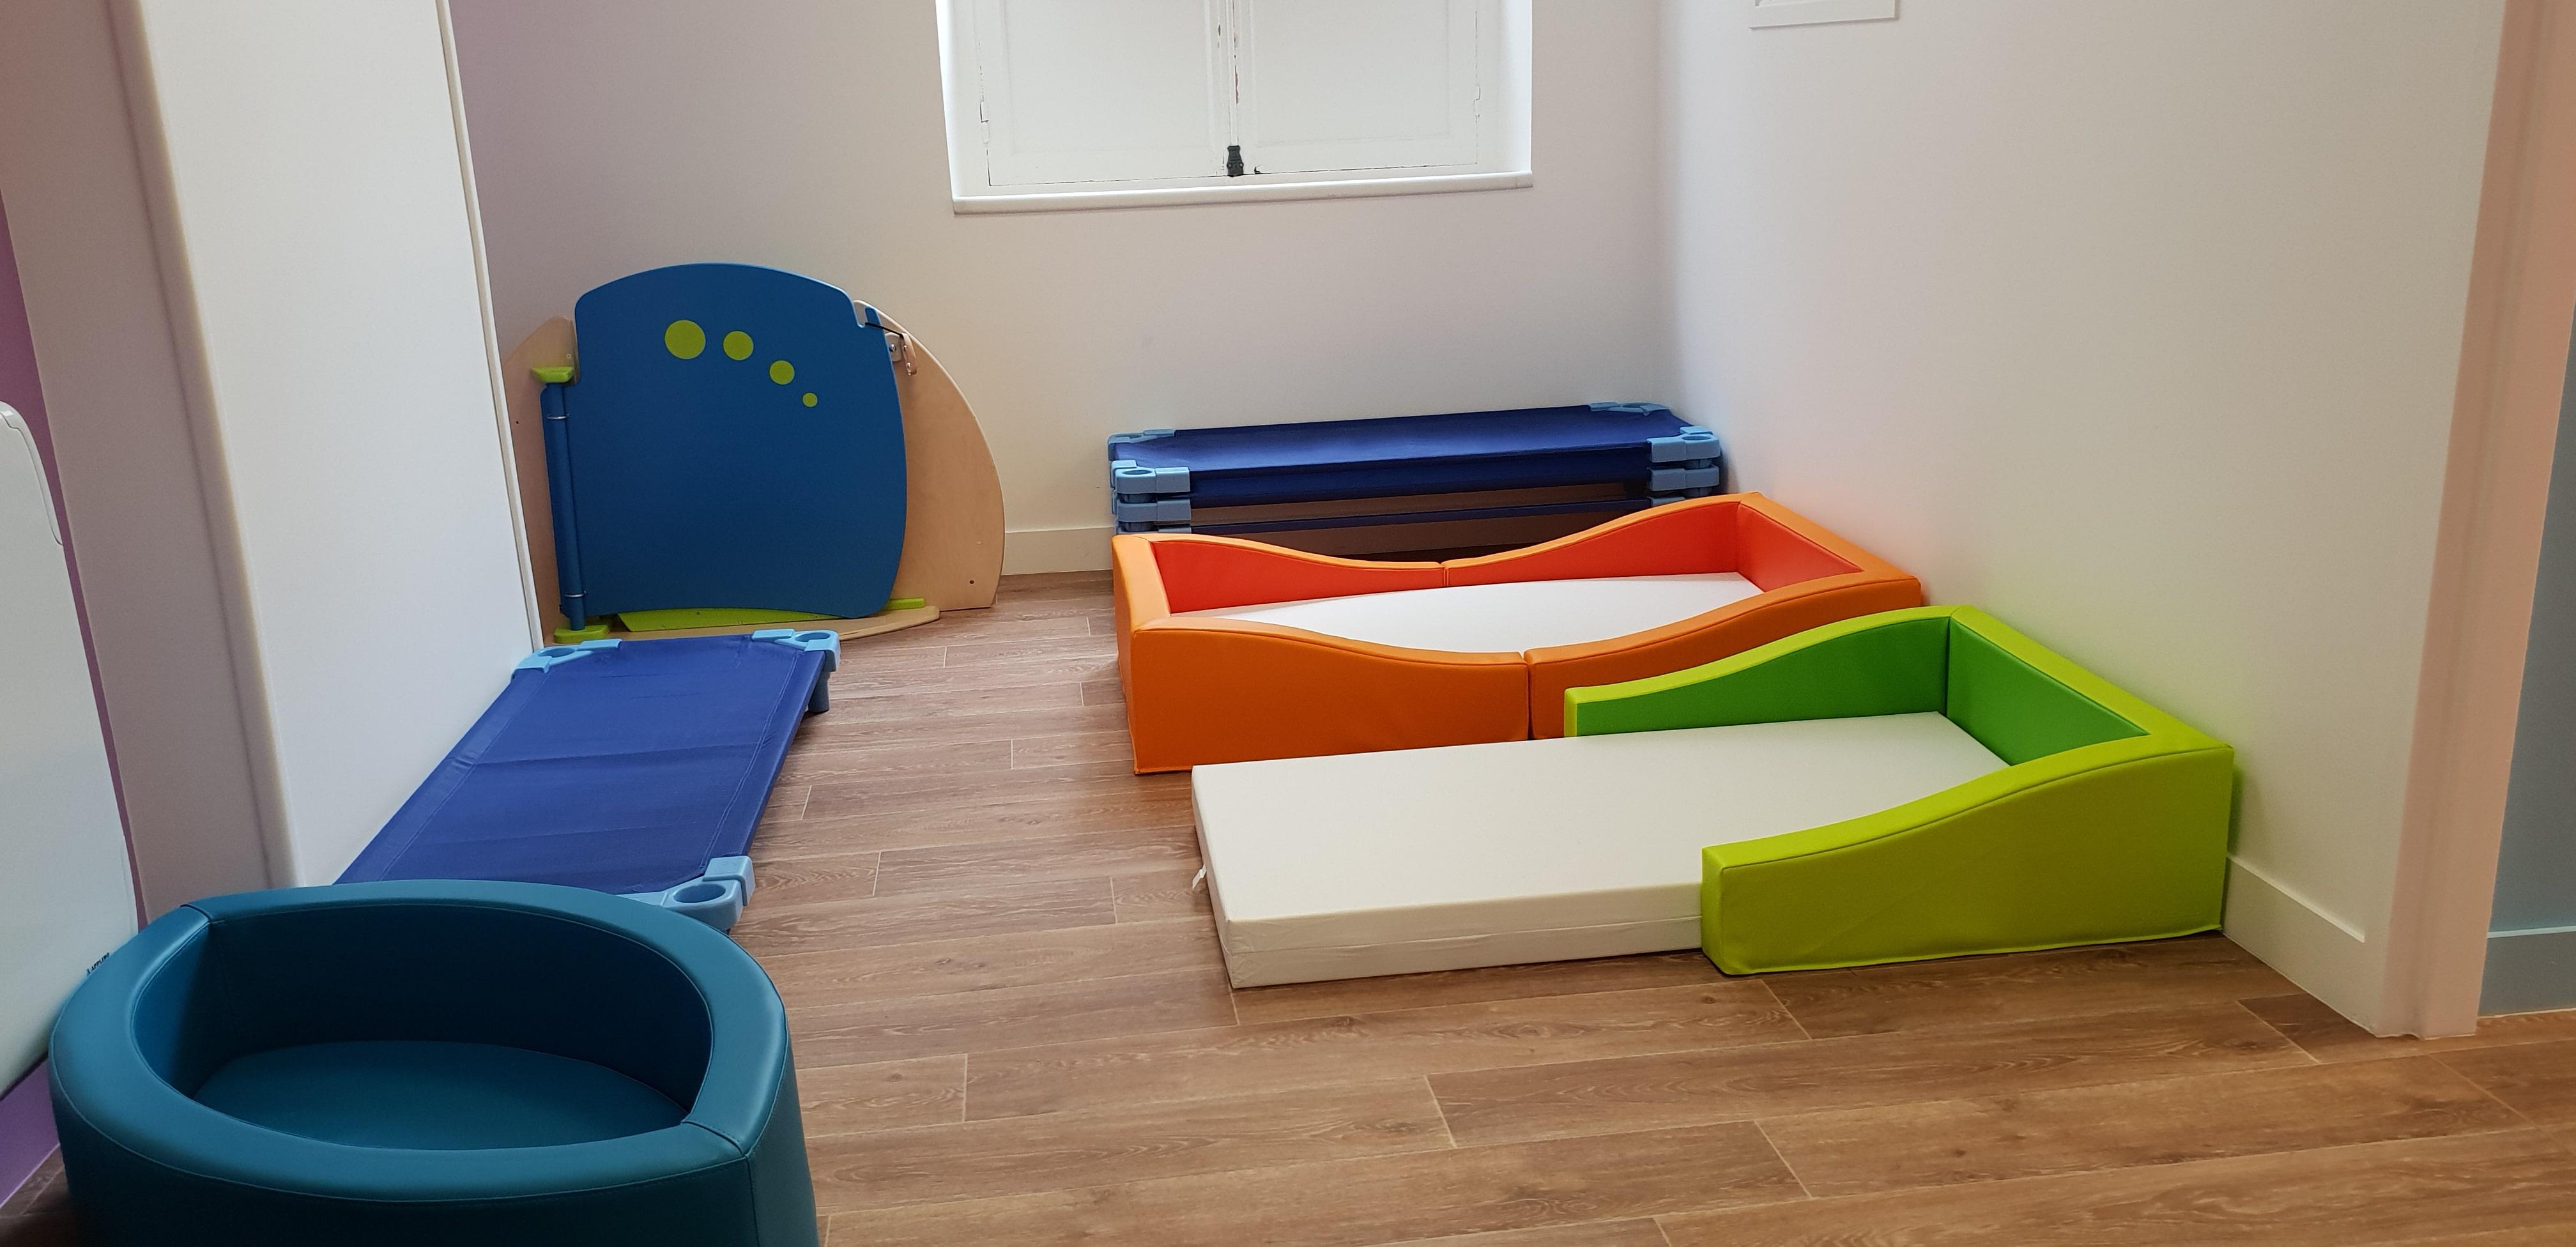 crèche joli Colibri à Paris La Maison Bleue